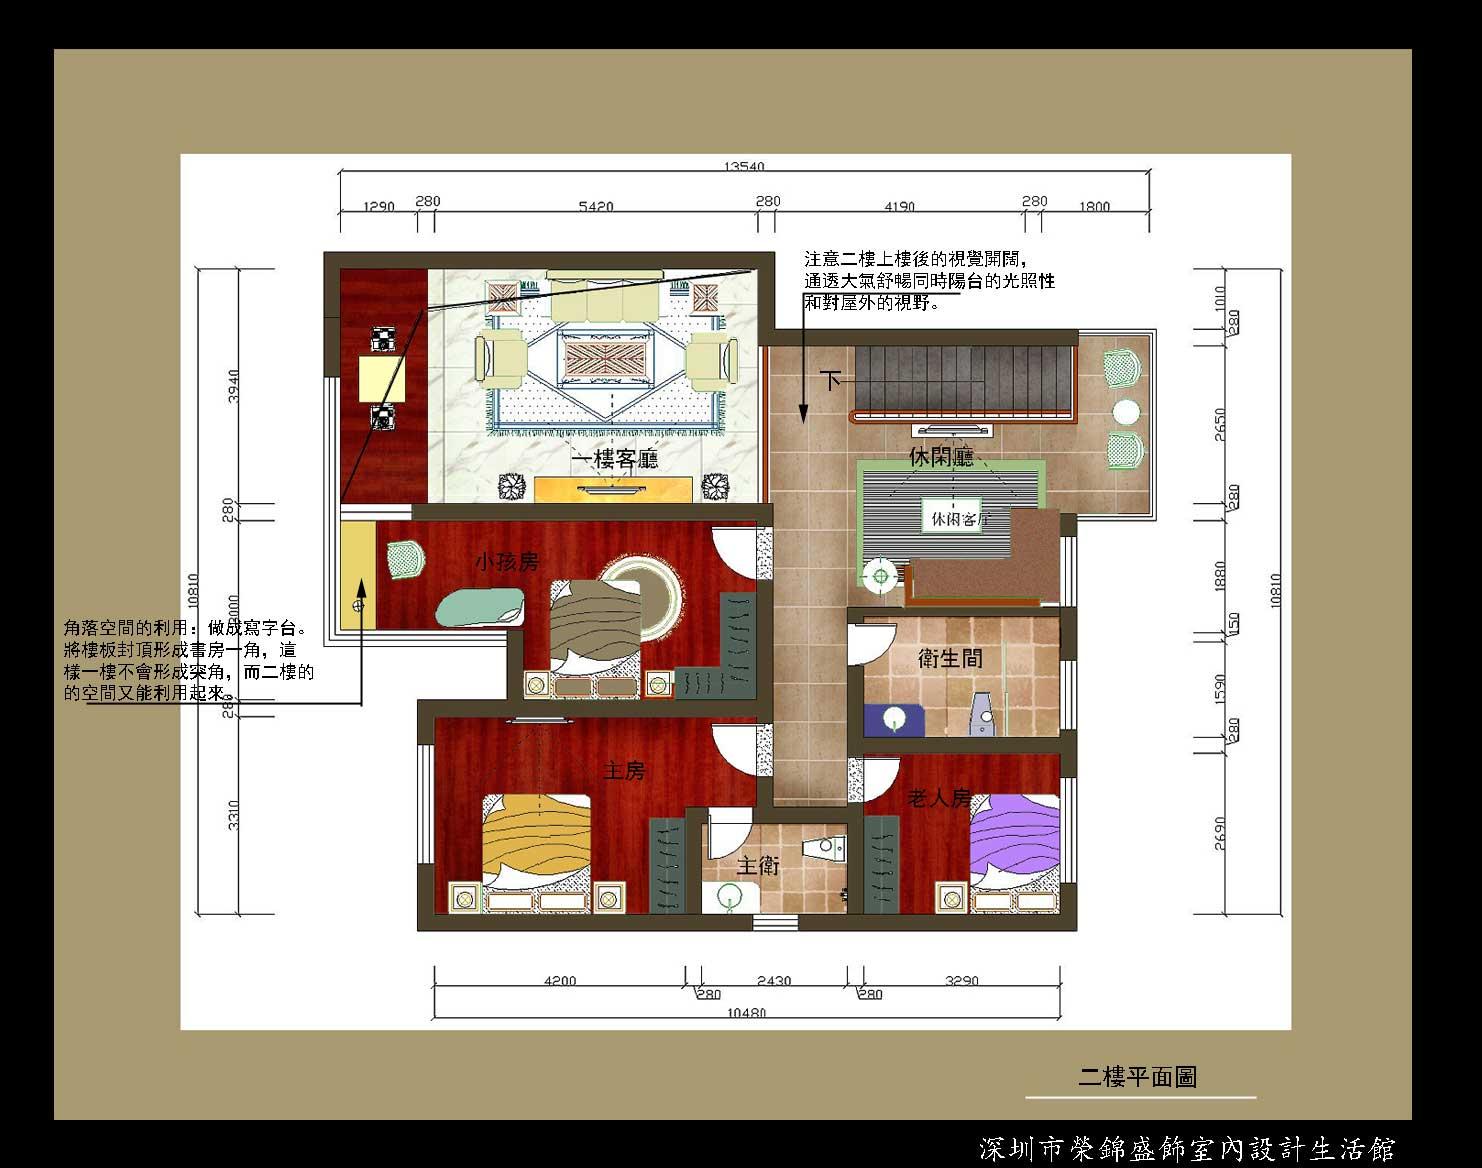 二层楼房暖管道设计图内容二层楼房暖管道设计图